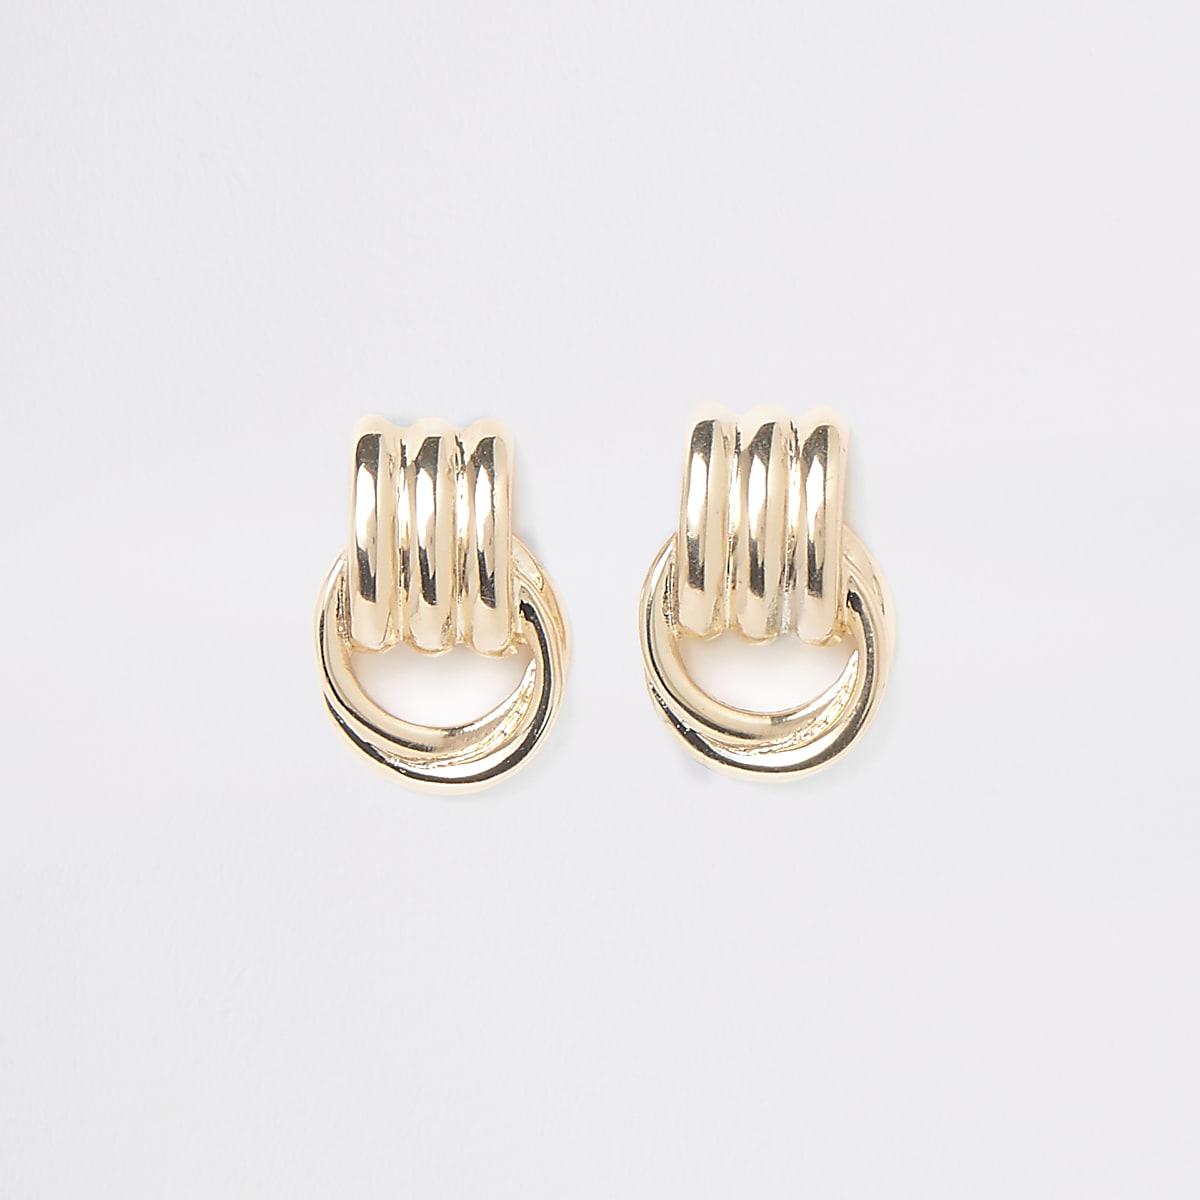 Gold colour doorknocker stud earrings